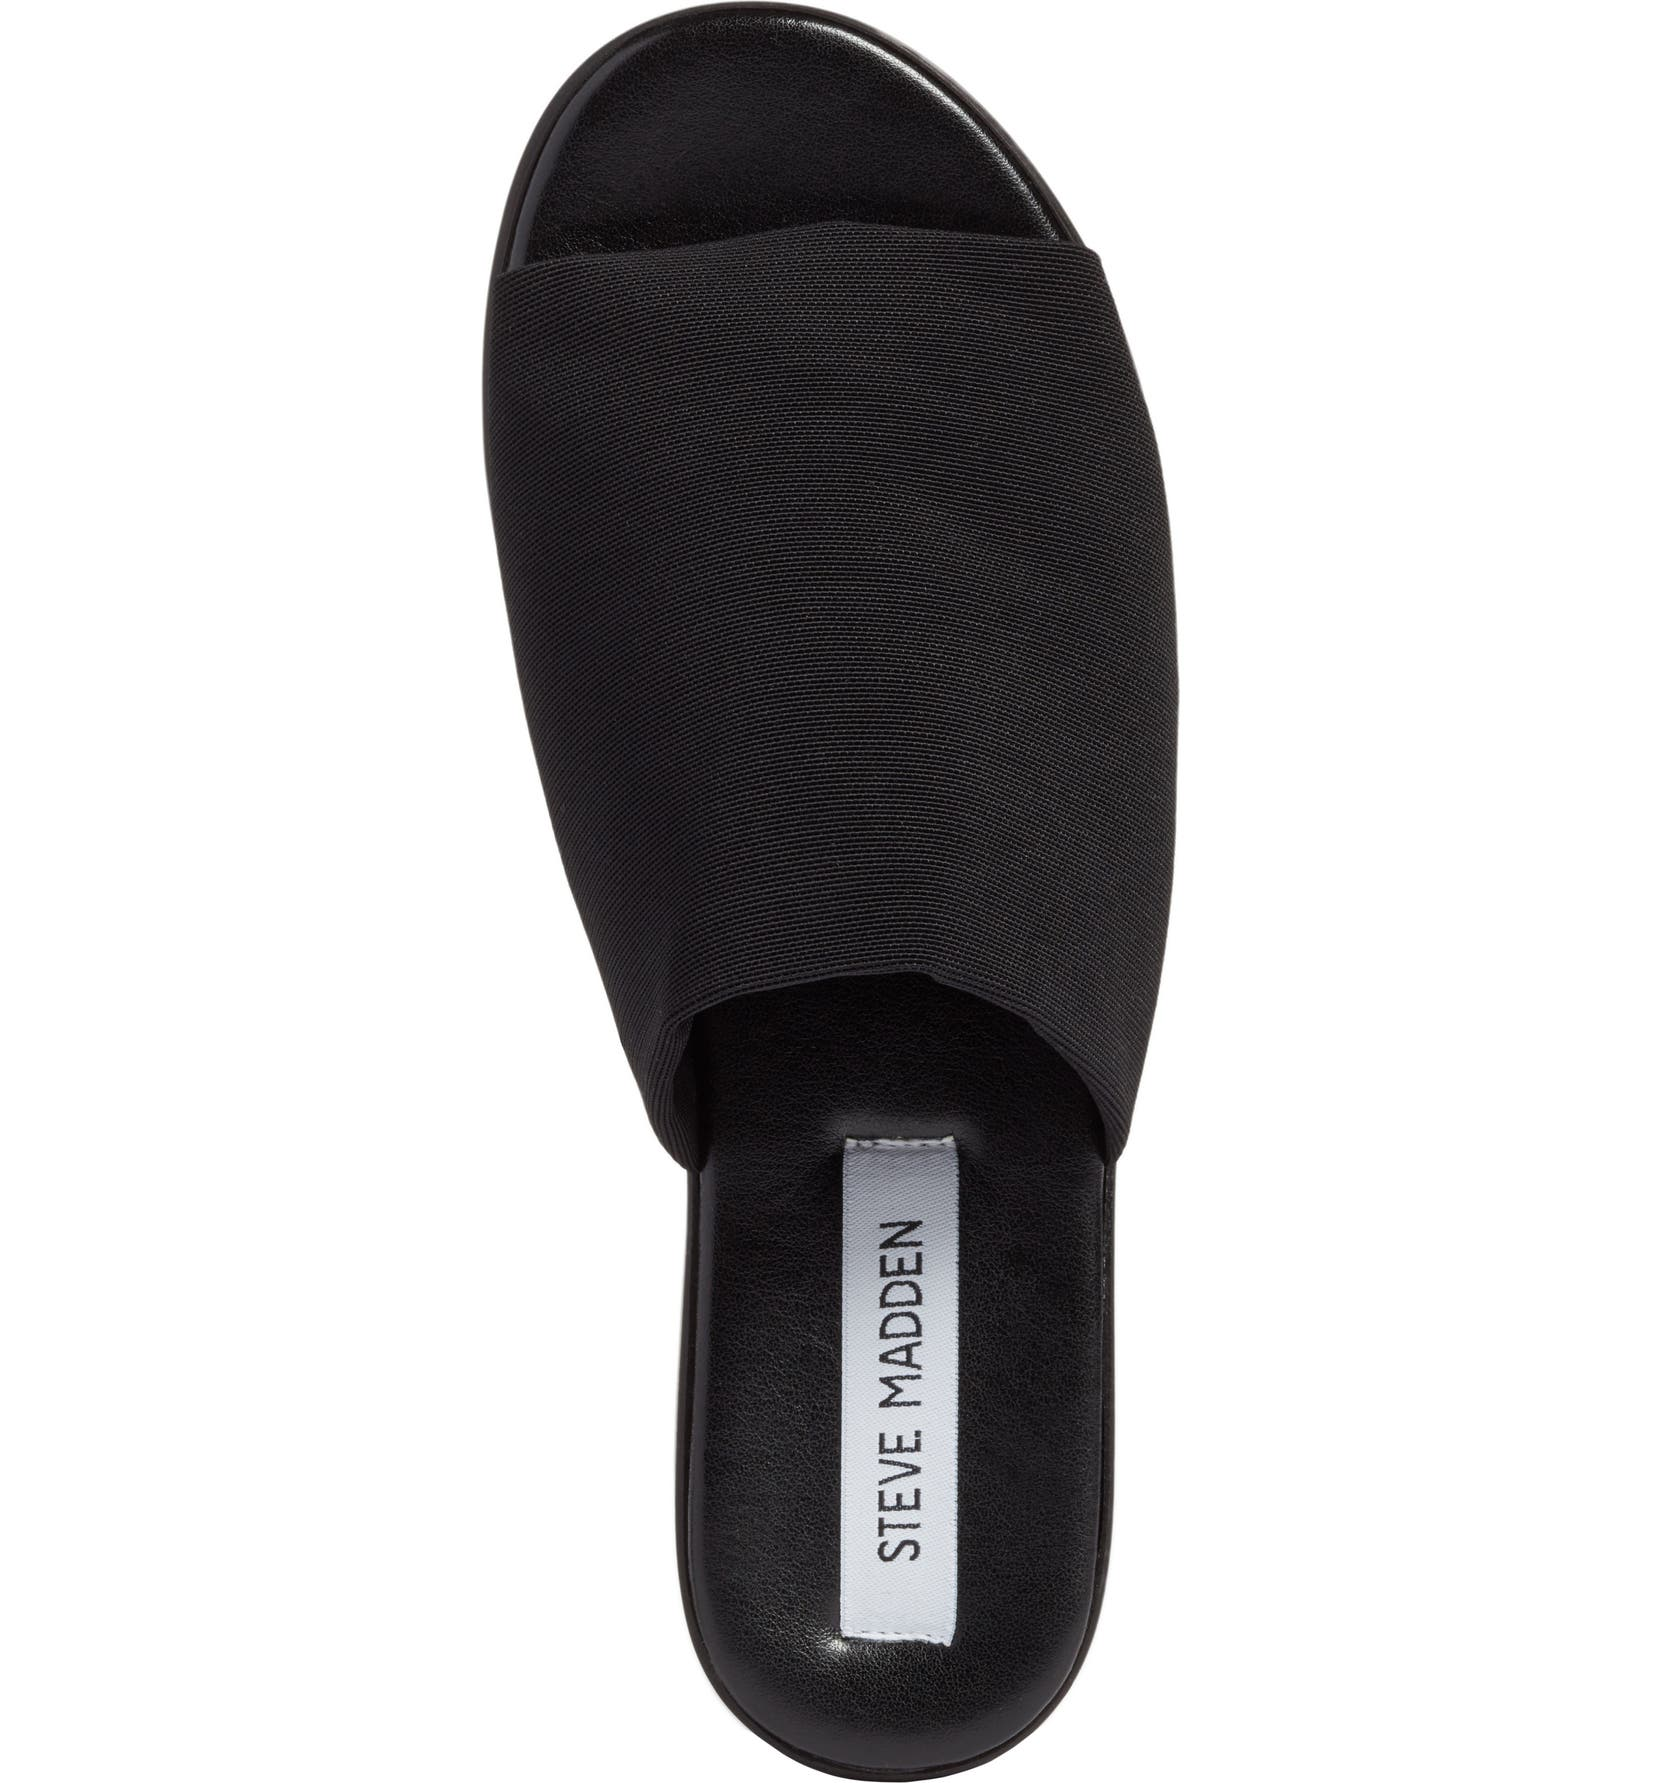 Sandal Sandal Slinky Sandal Slinky Slinky Slinky Platform Platform Platform Y6vbf7Igy